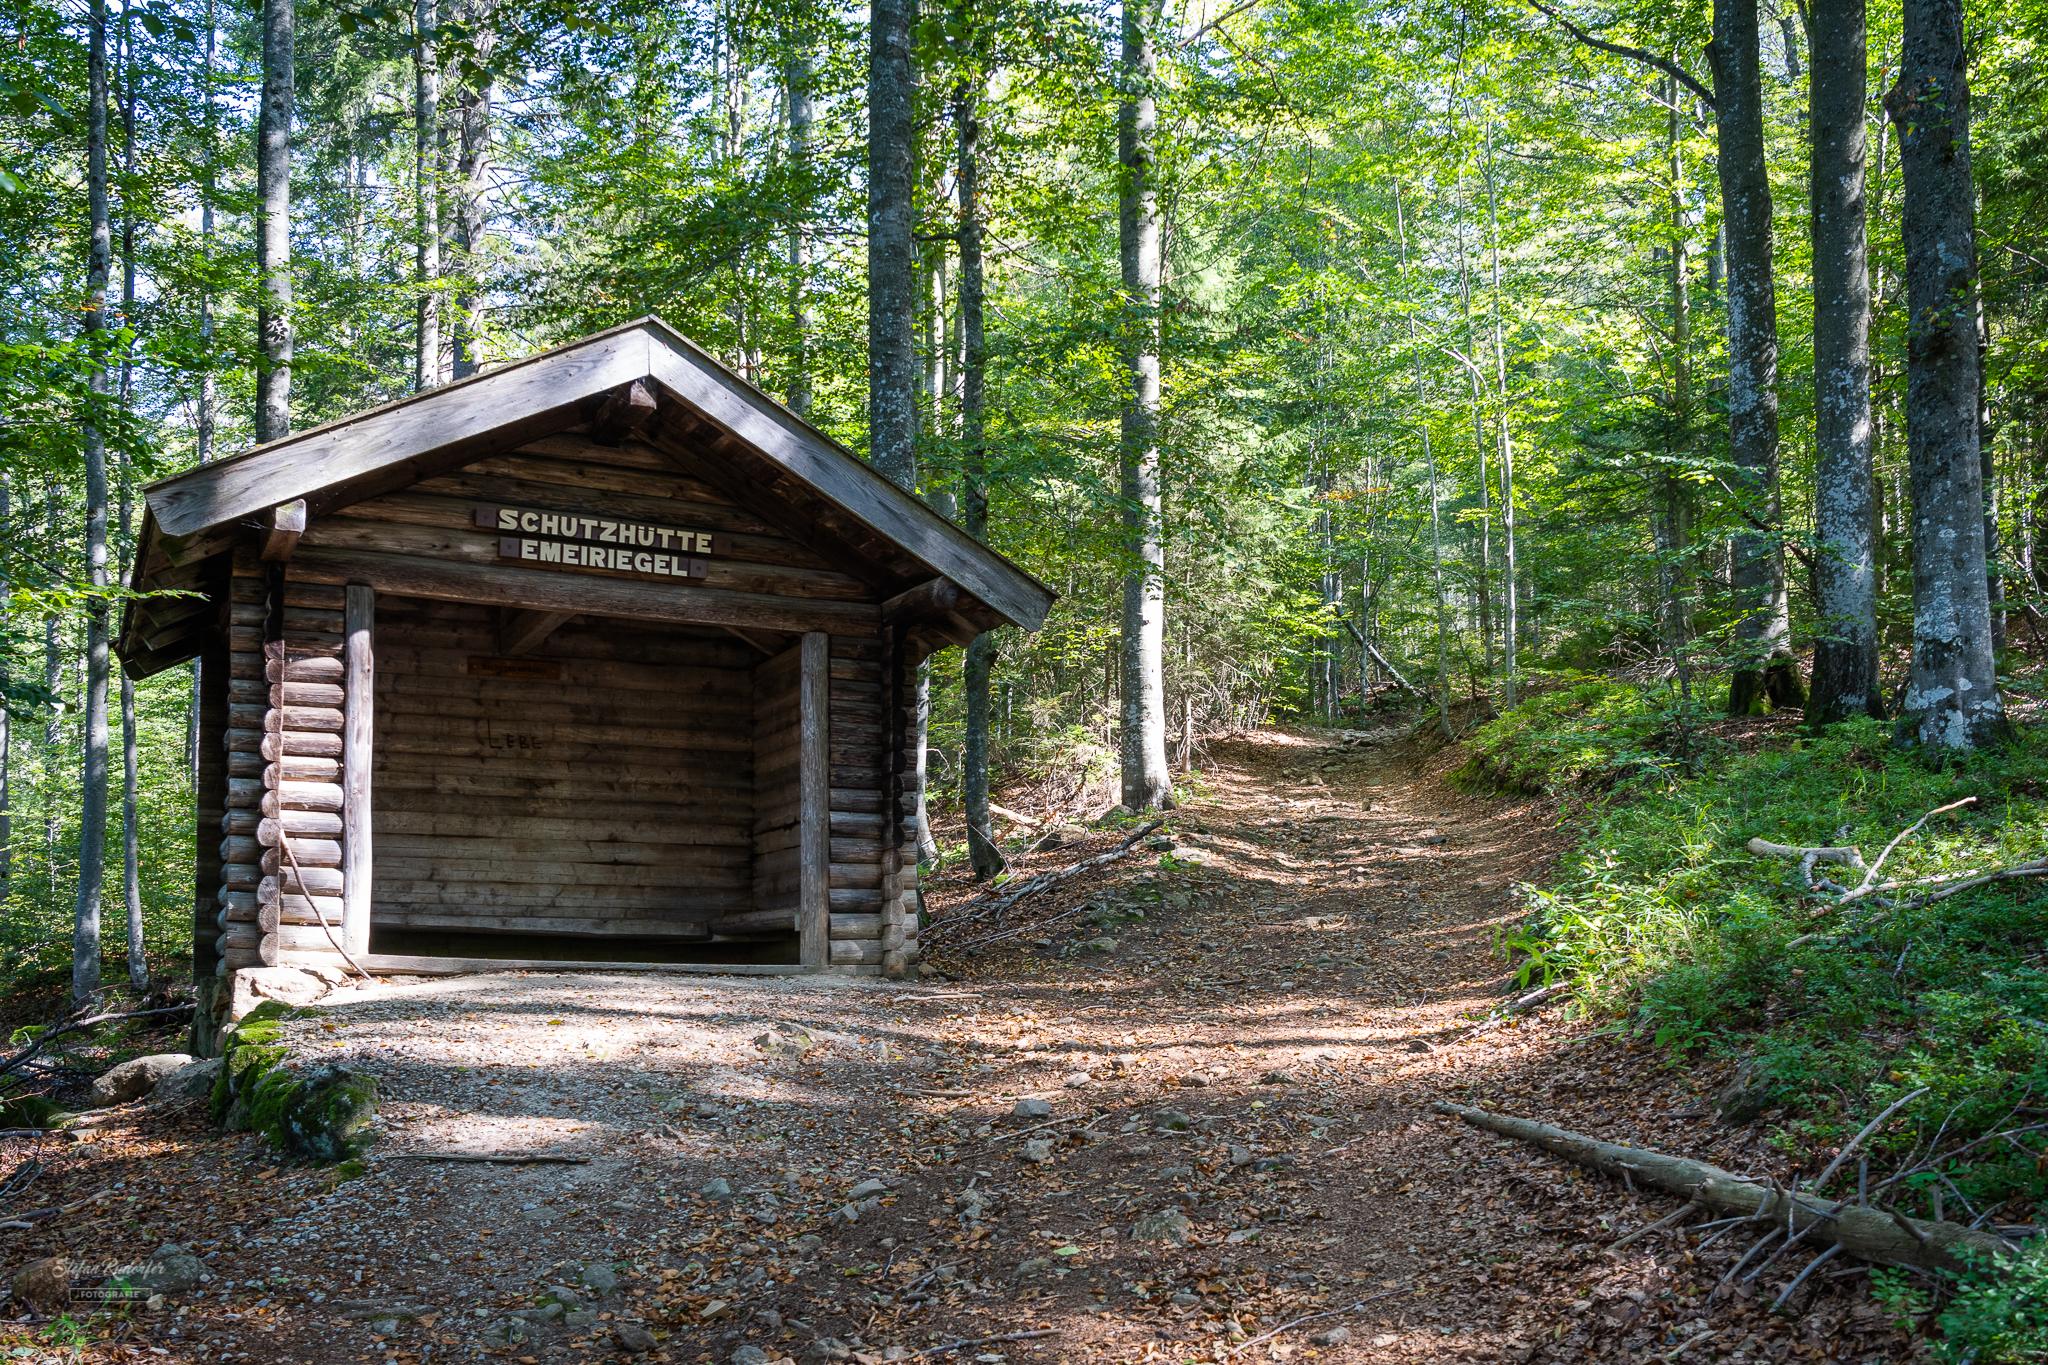 Schutzhütte Emeiriegel